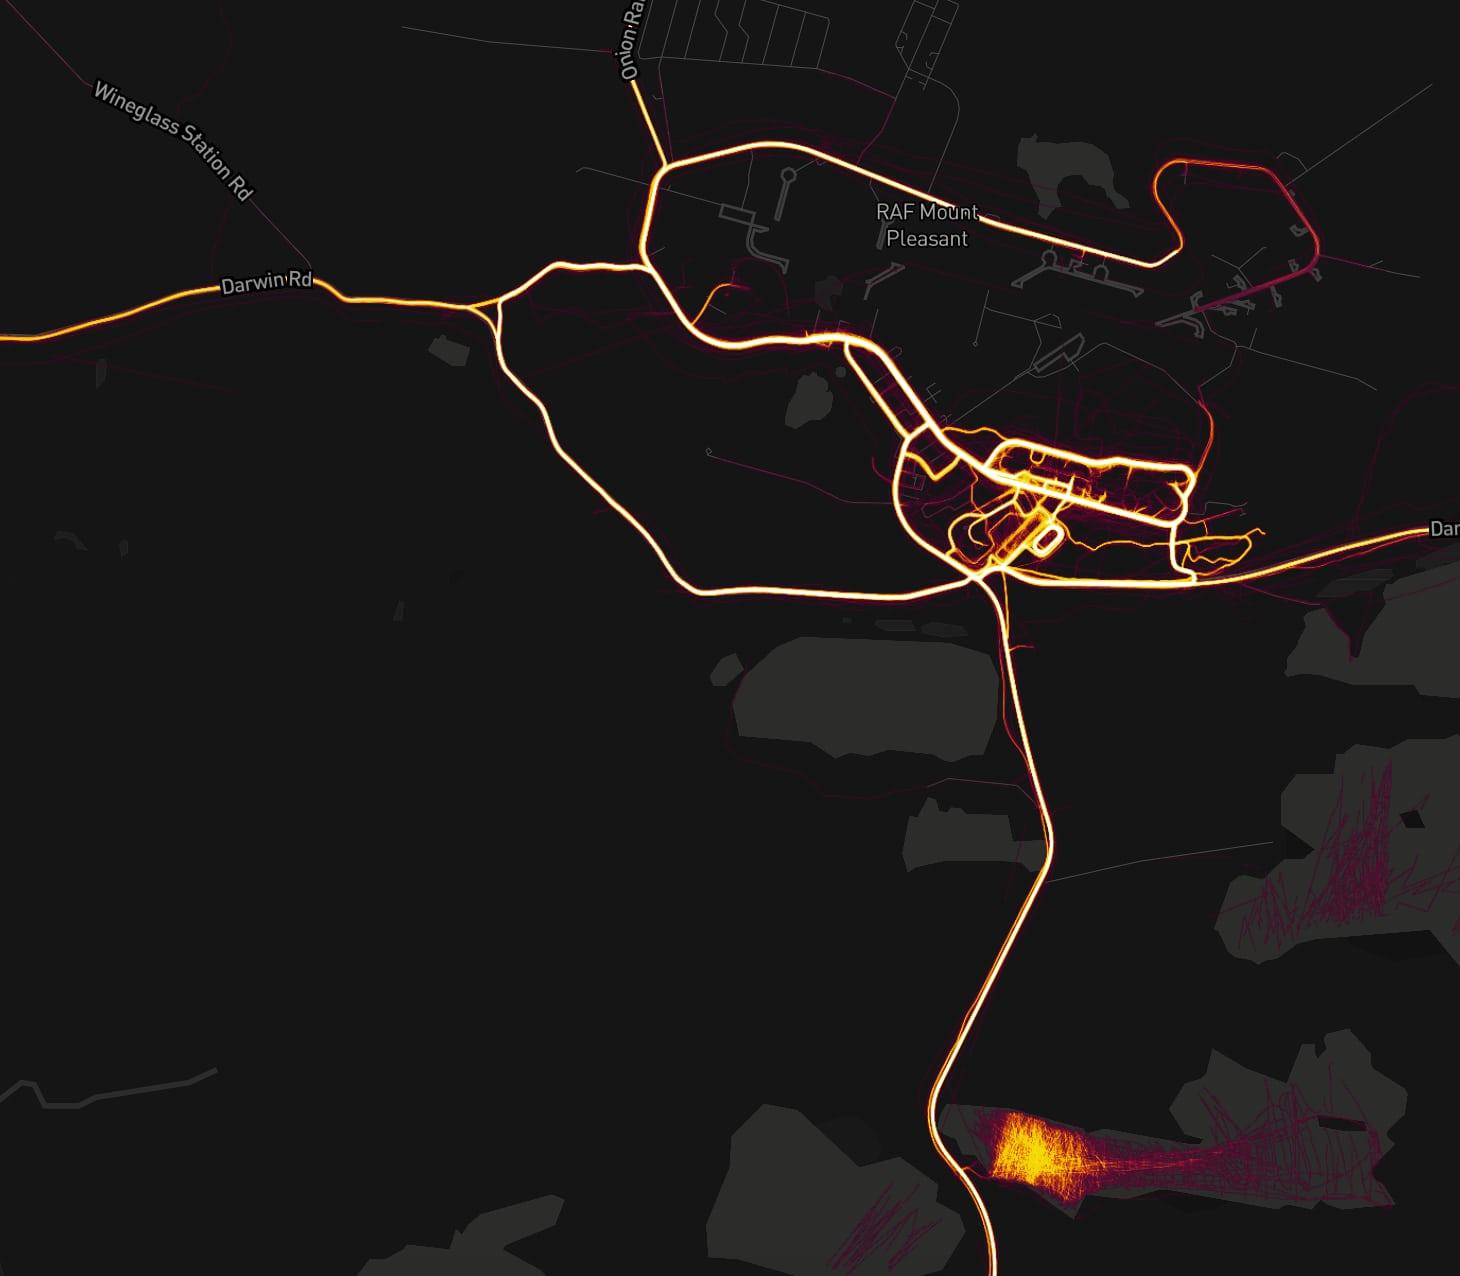 L'application fitness Strava révèle les positions de bases militaires secrètes